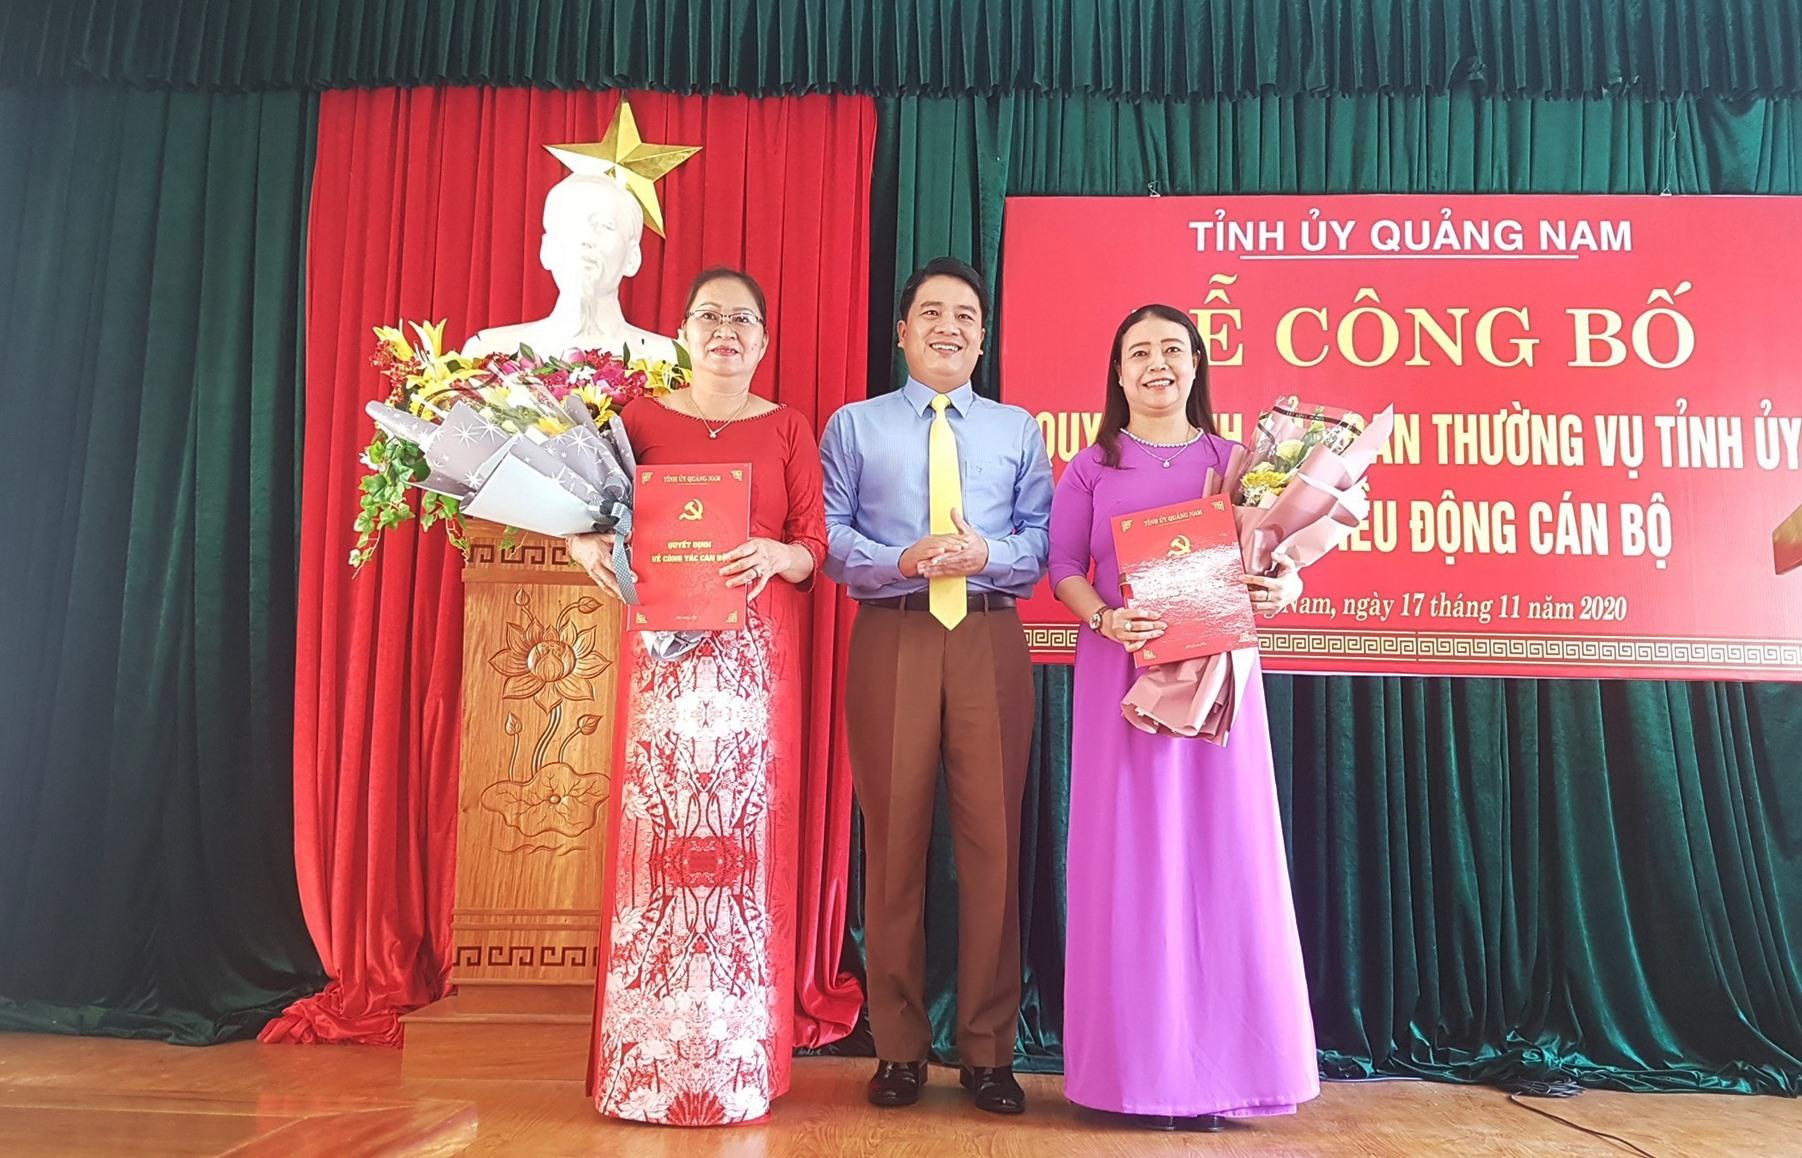 Đồng chí Trần Văn Tân trao quyết định điều động, bổ nhiệm cho 2 cán bộ nữ. Ảnh: D.L